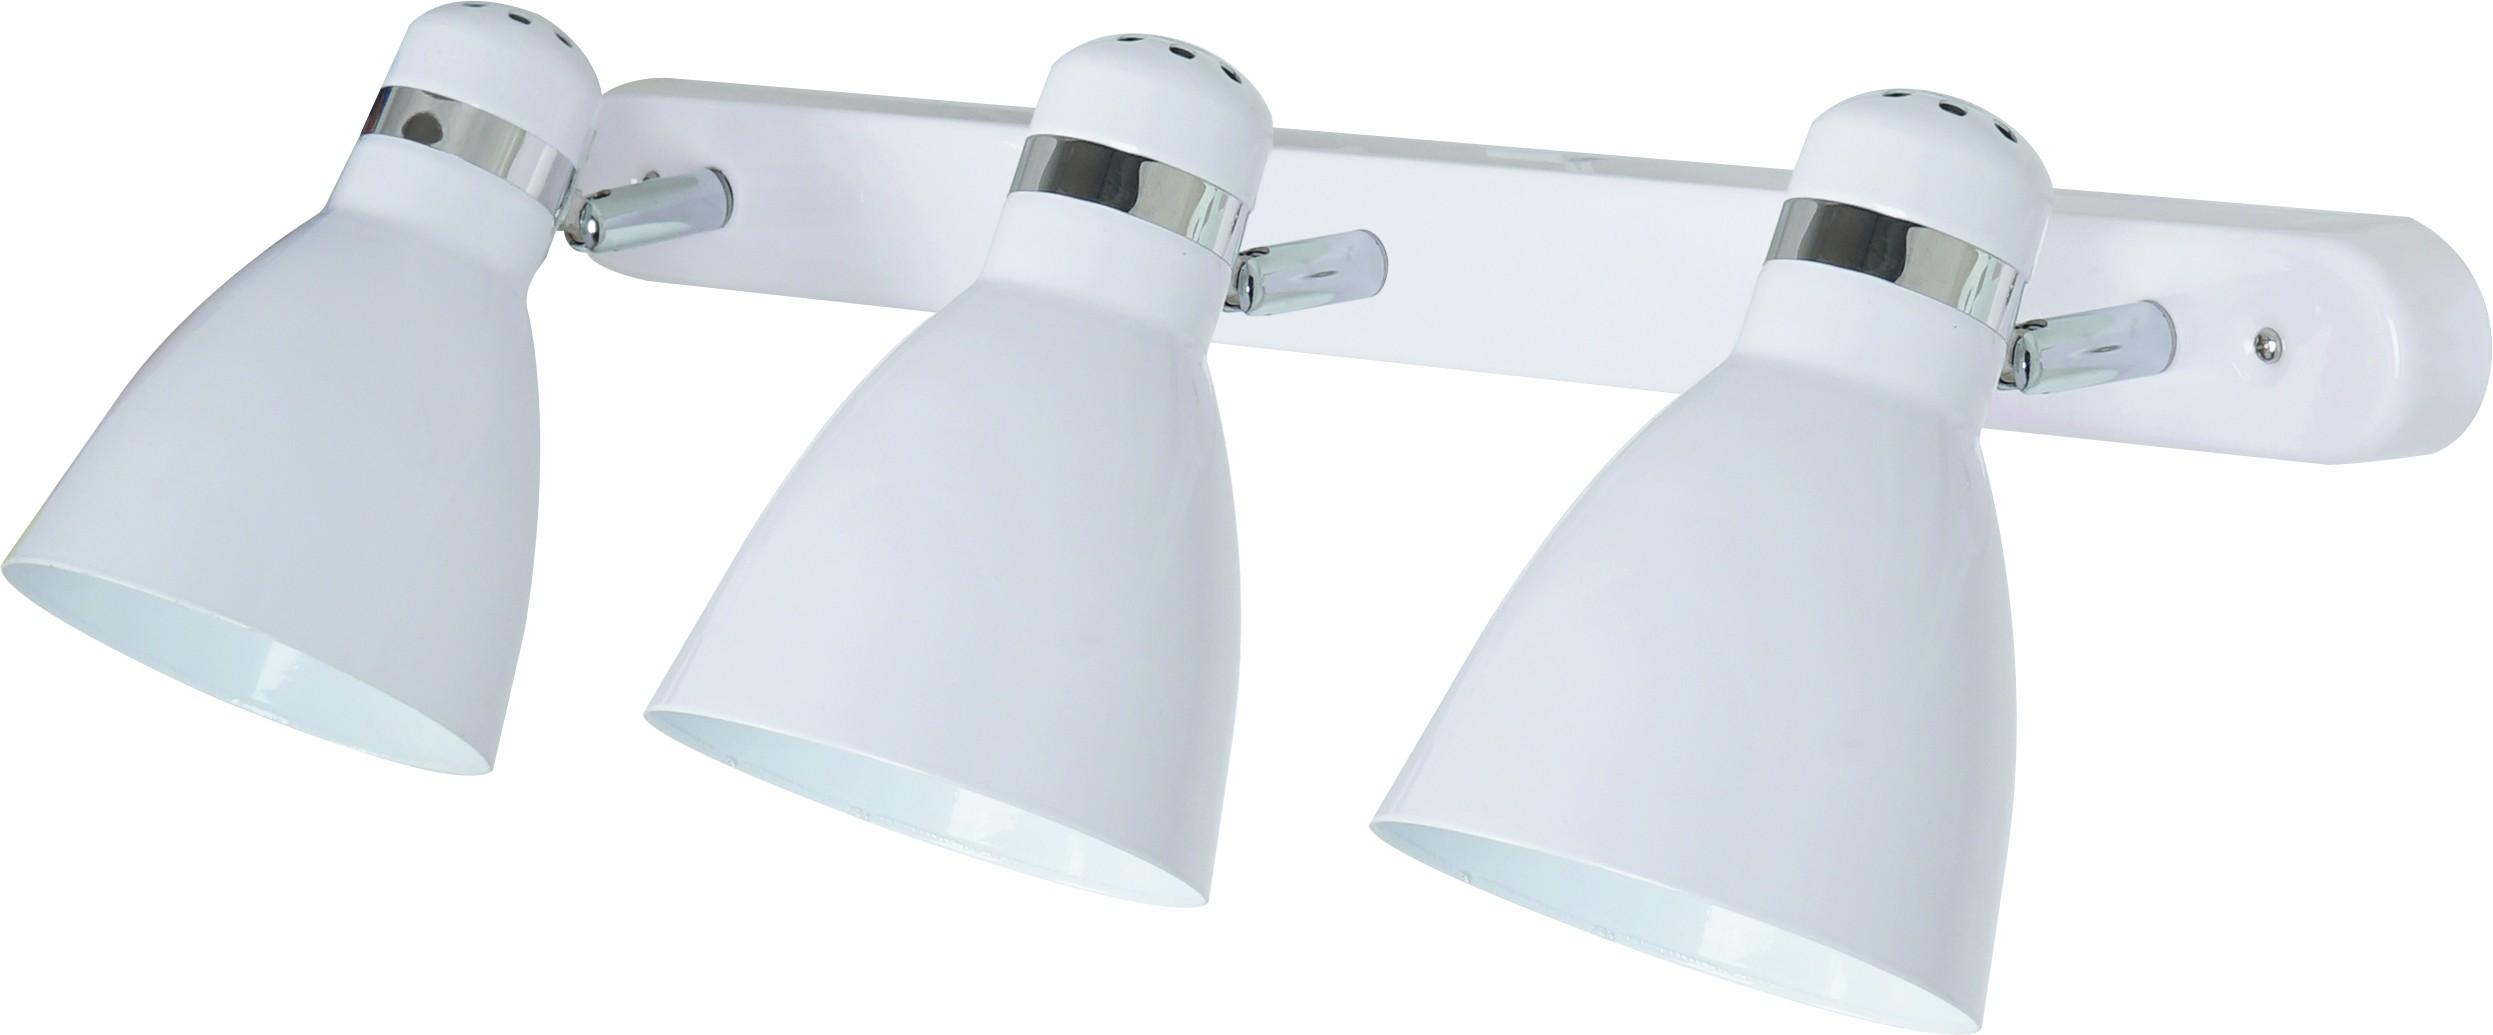 Купить Спот Arte lamp A5049pl-3wh